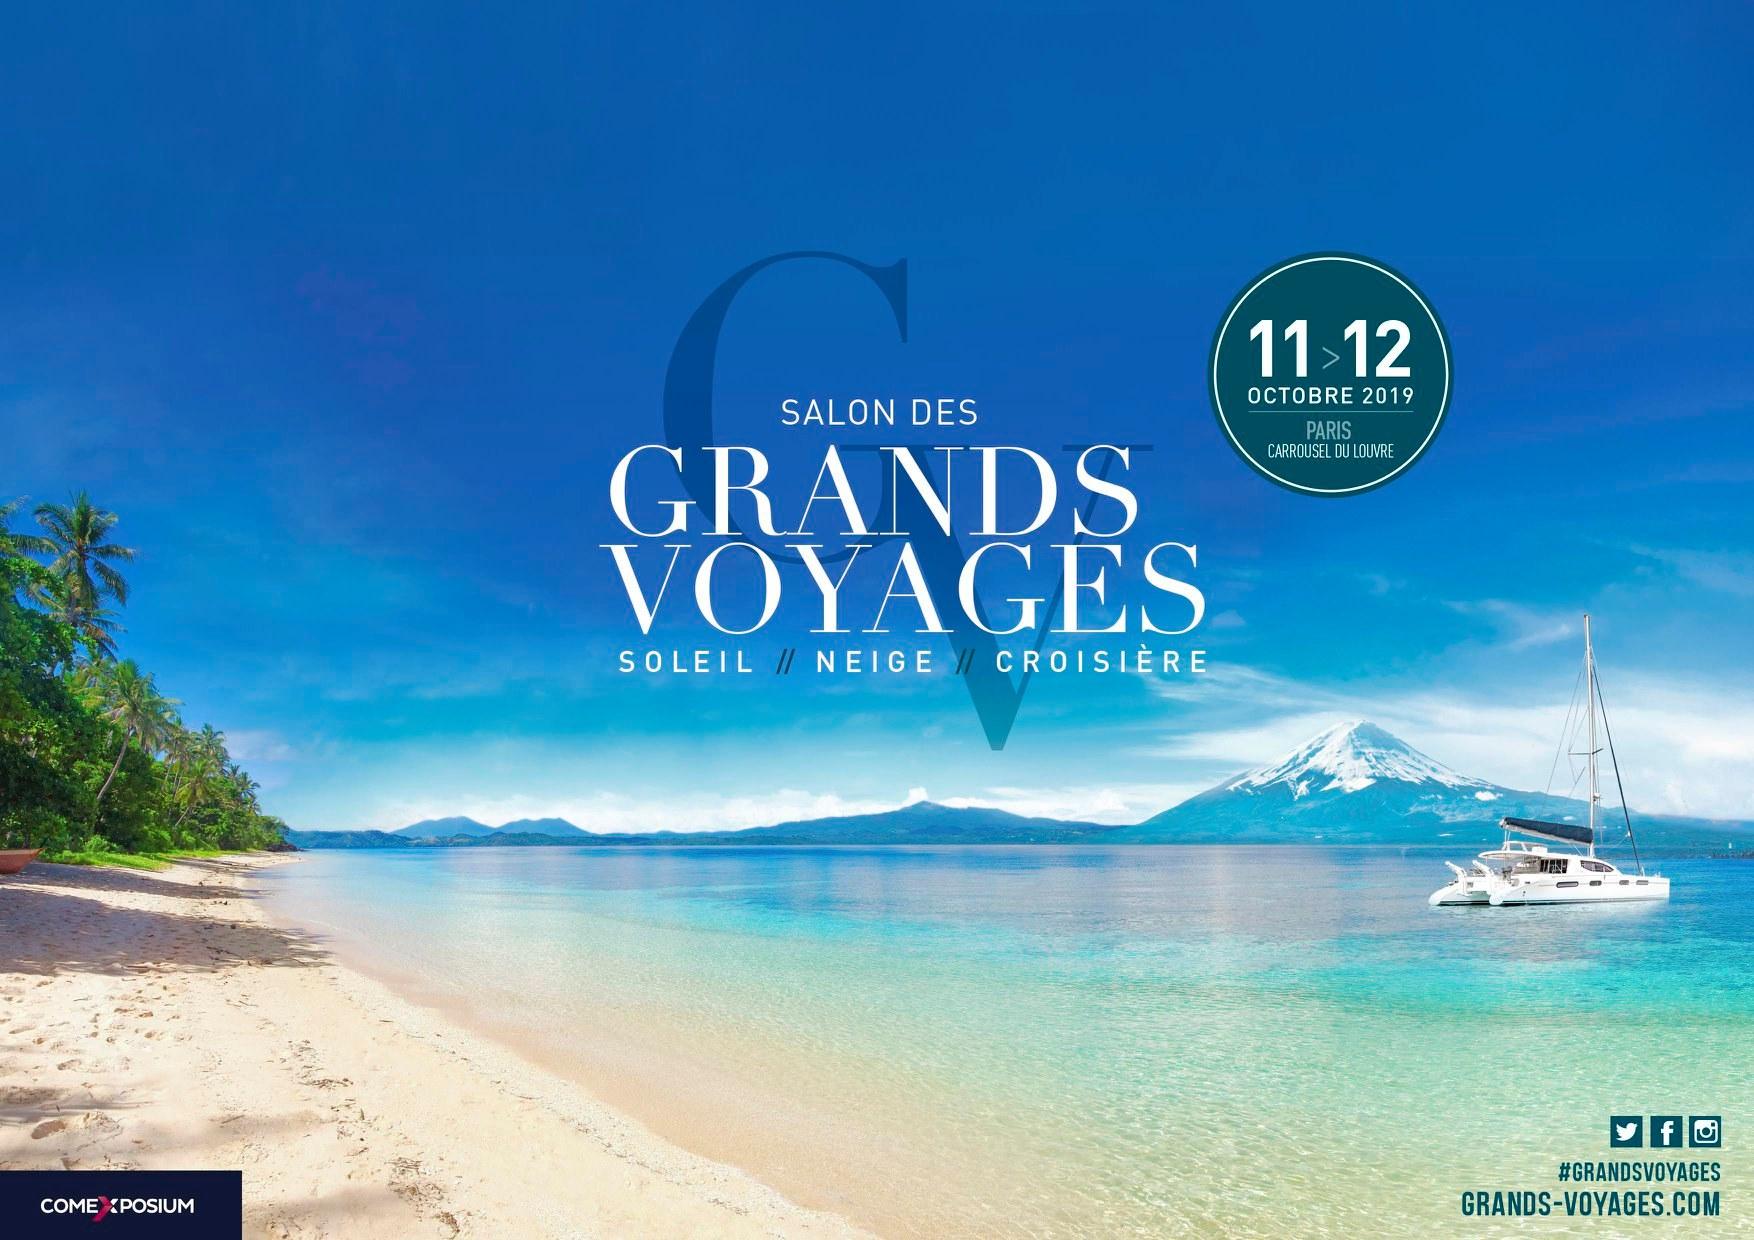 Le Salon des Grands Voyages